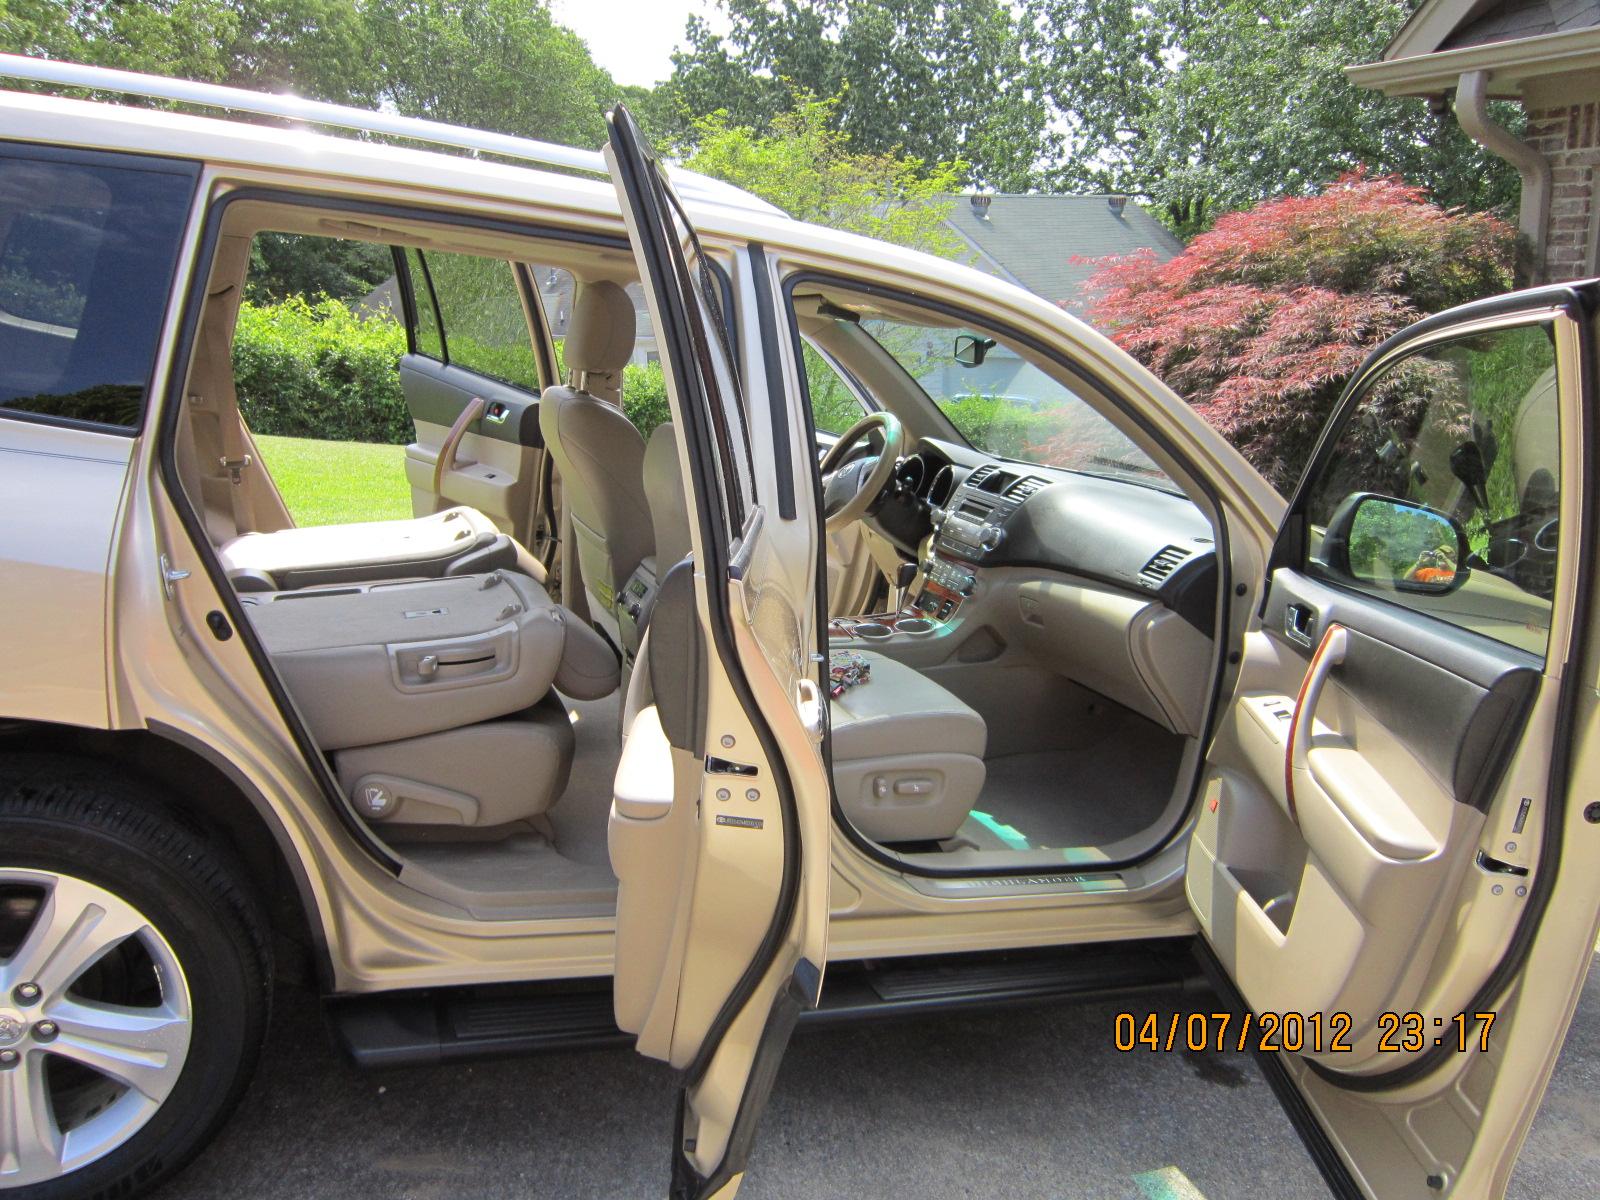 2008 Toyota Highlander Interior Pictures Cargurus